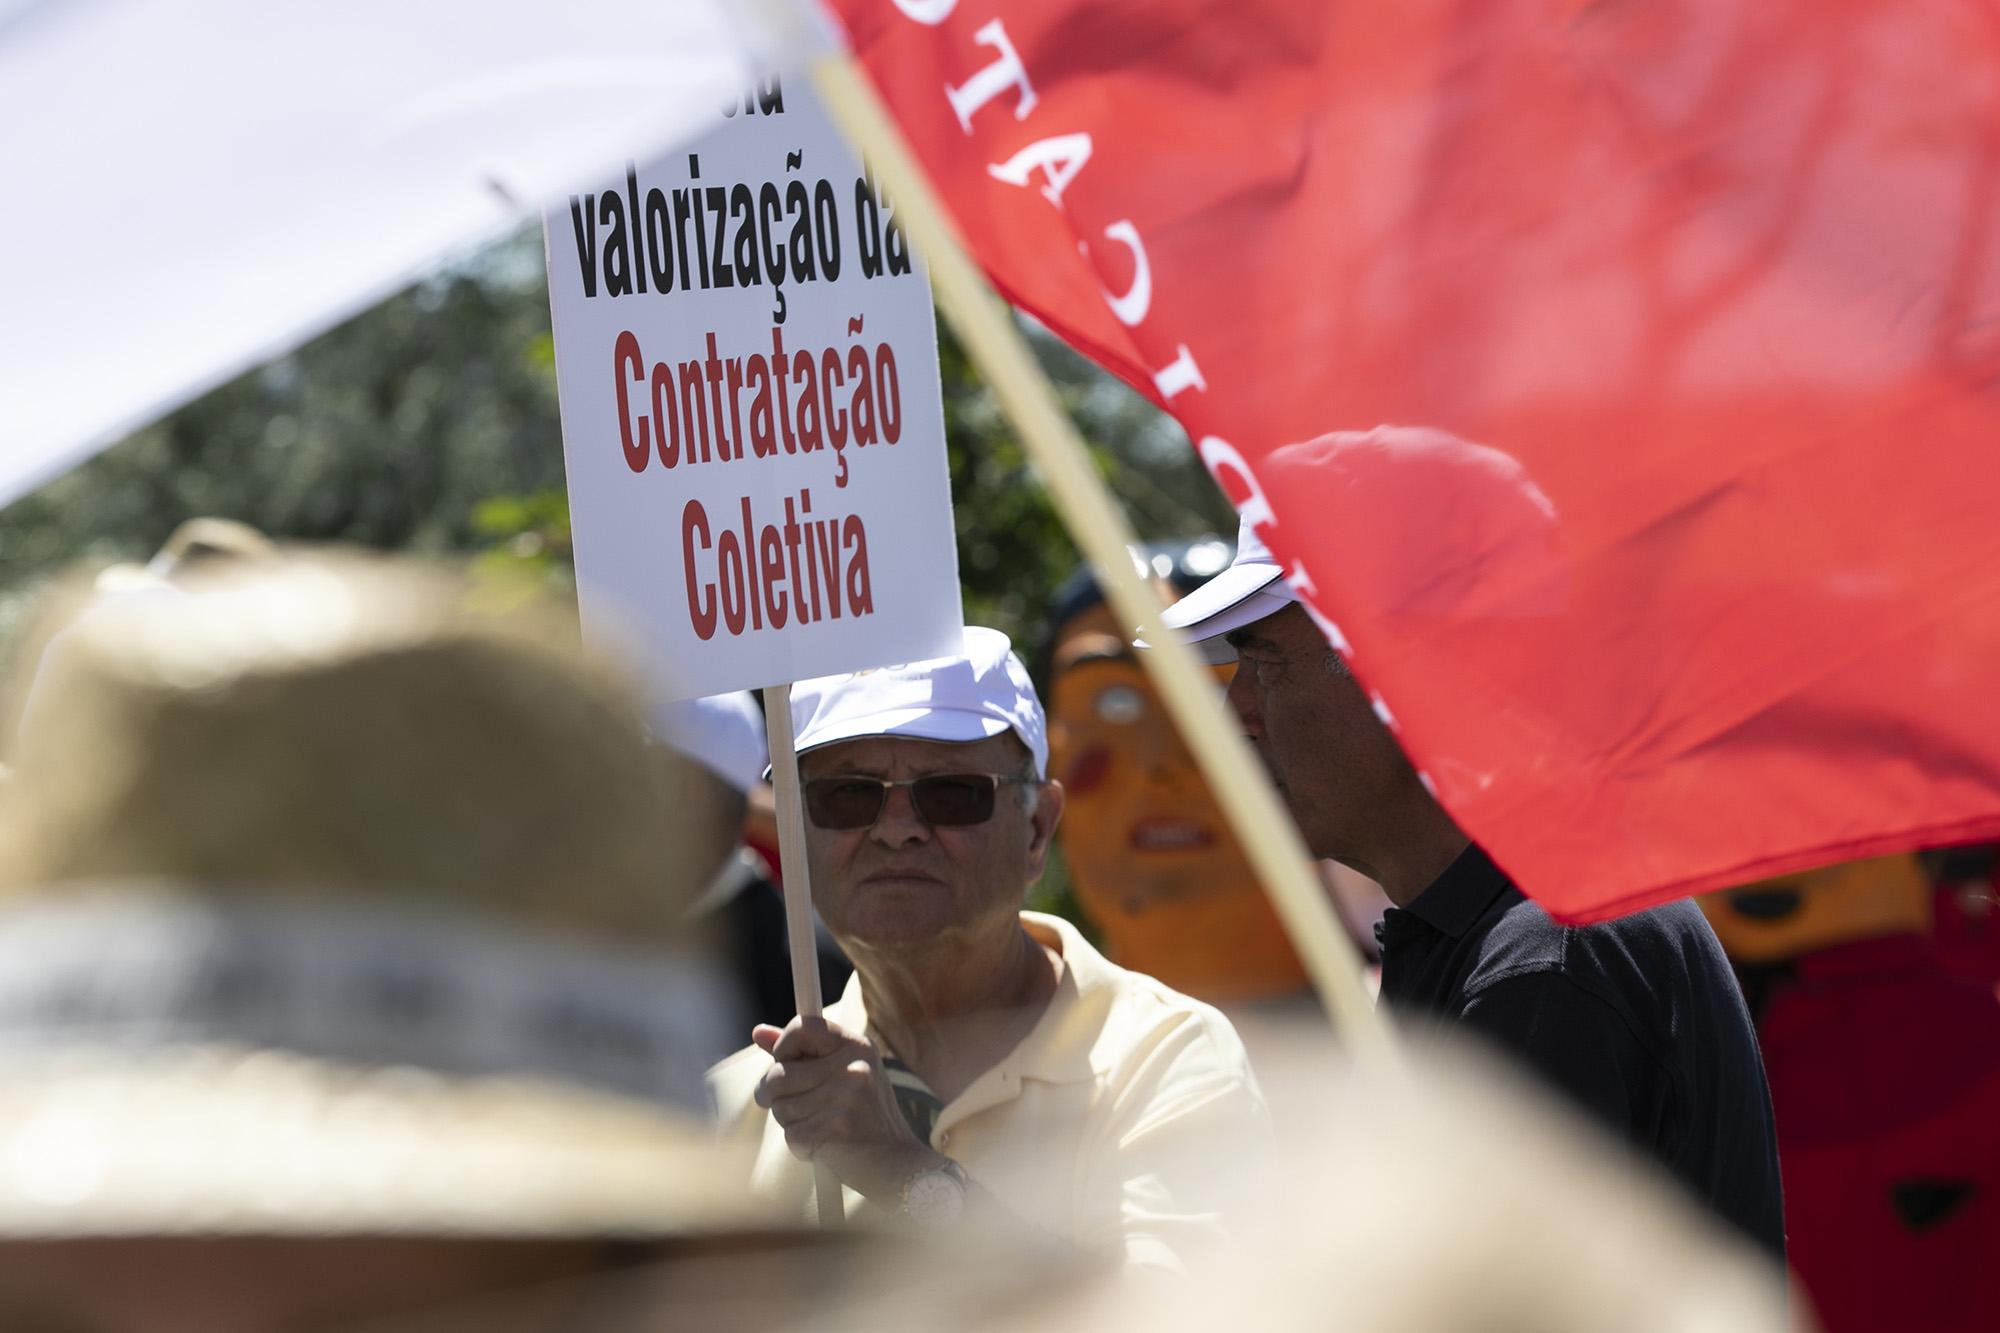 Manifestação de trabalhadores e reformados do Millennium BCP, no Taguspark - 22MAI19